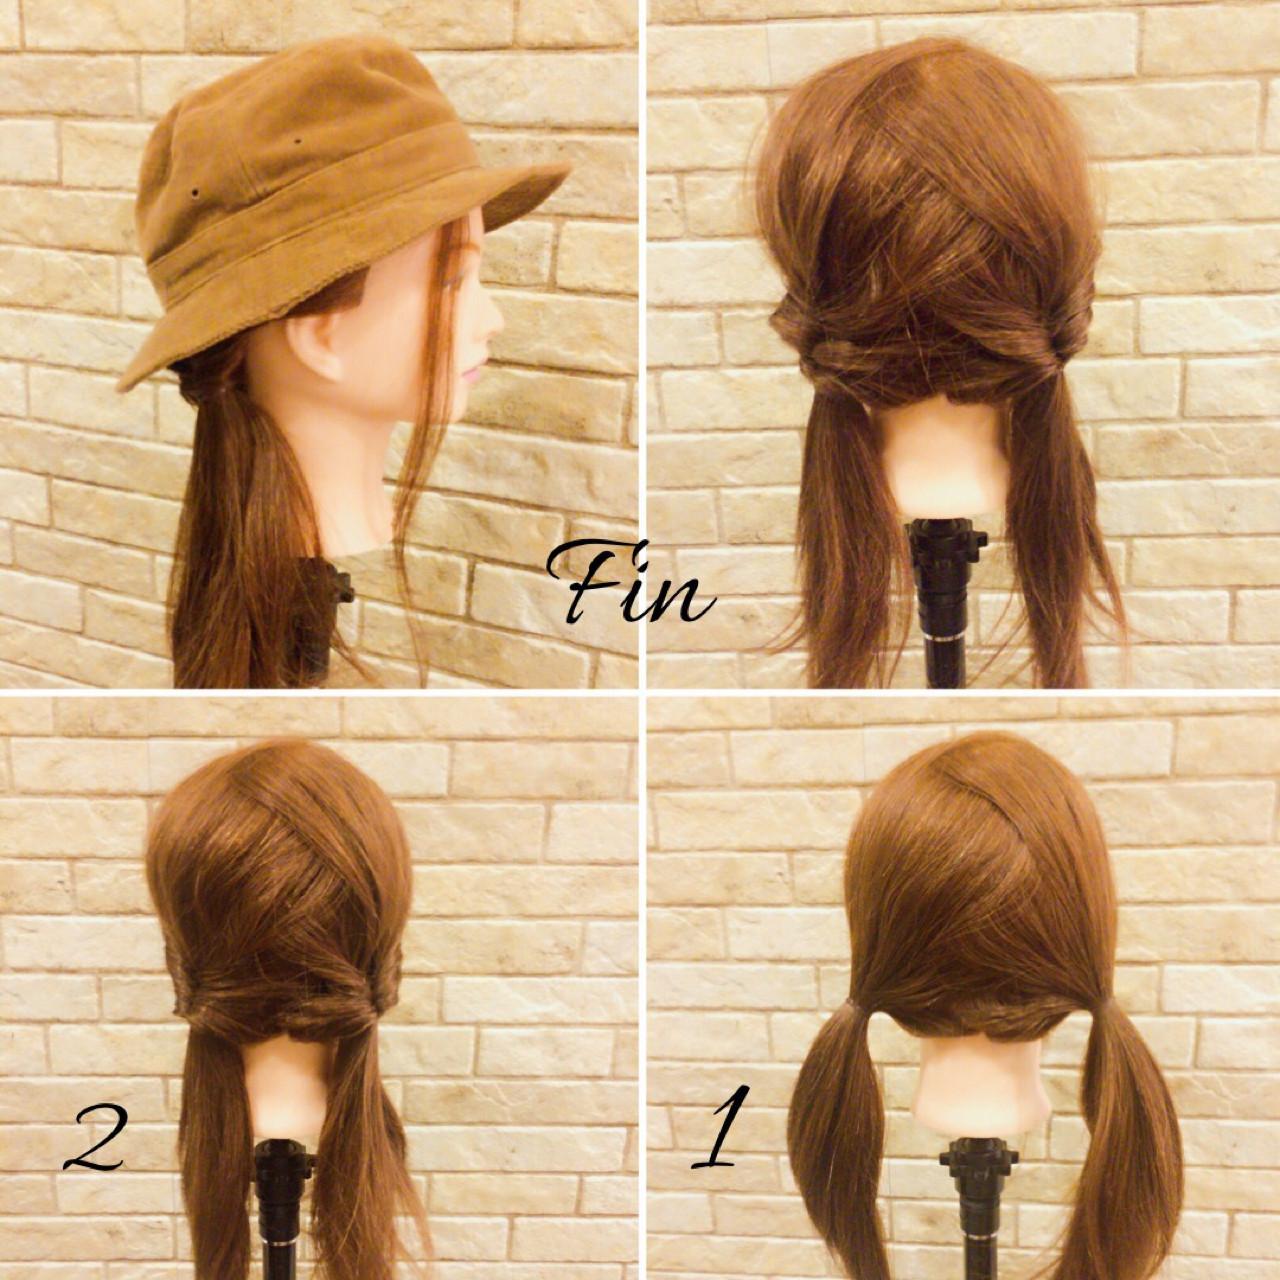 前髪ありなしどちらも可愛い♡どちらでも使い分けられるアレンジ集 中村香奈子